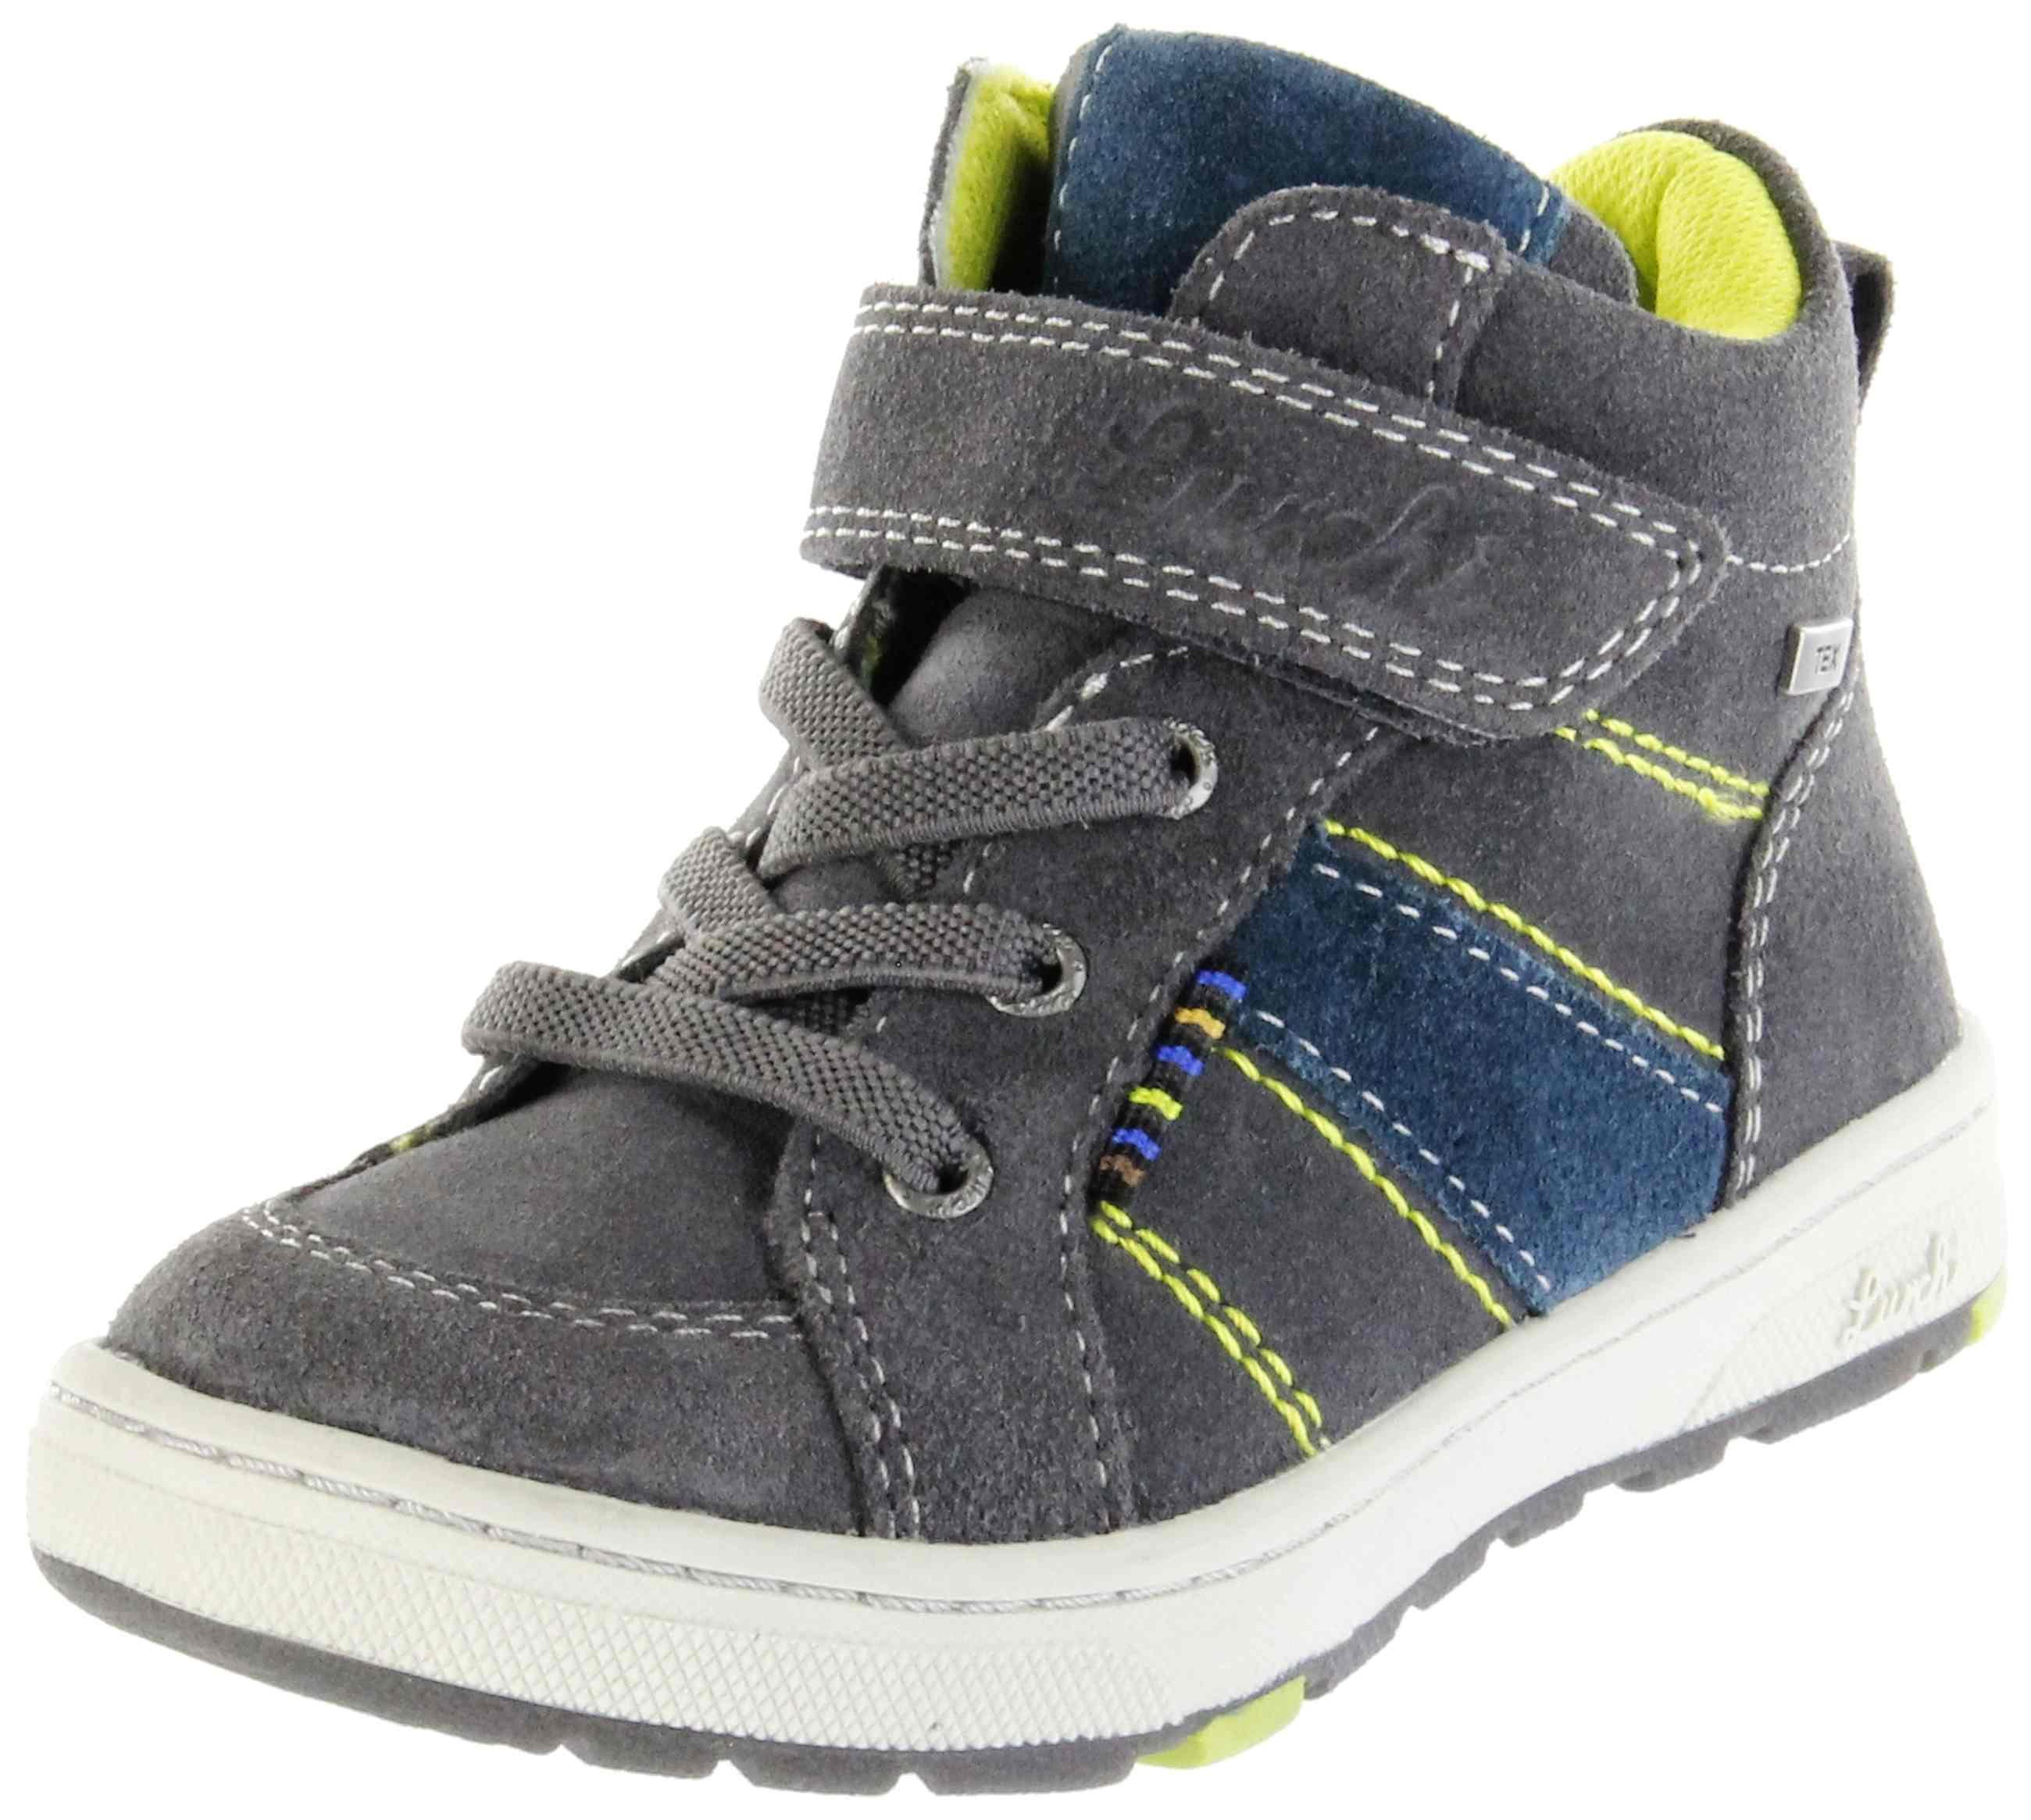 Lurchi Kinder Halbschuhe grau Velourleder Jungen Schuhe 33 13507 25 charcoal DET TEX